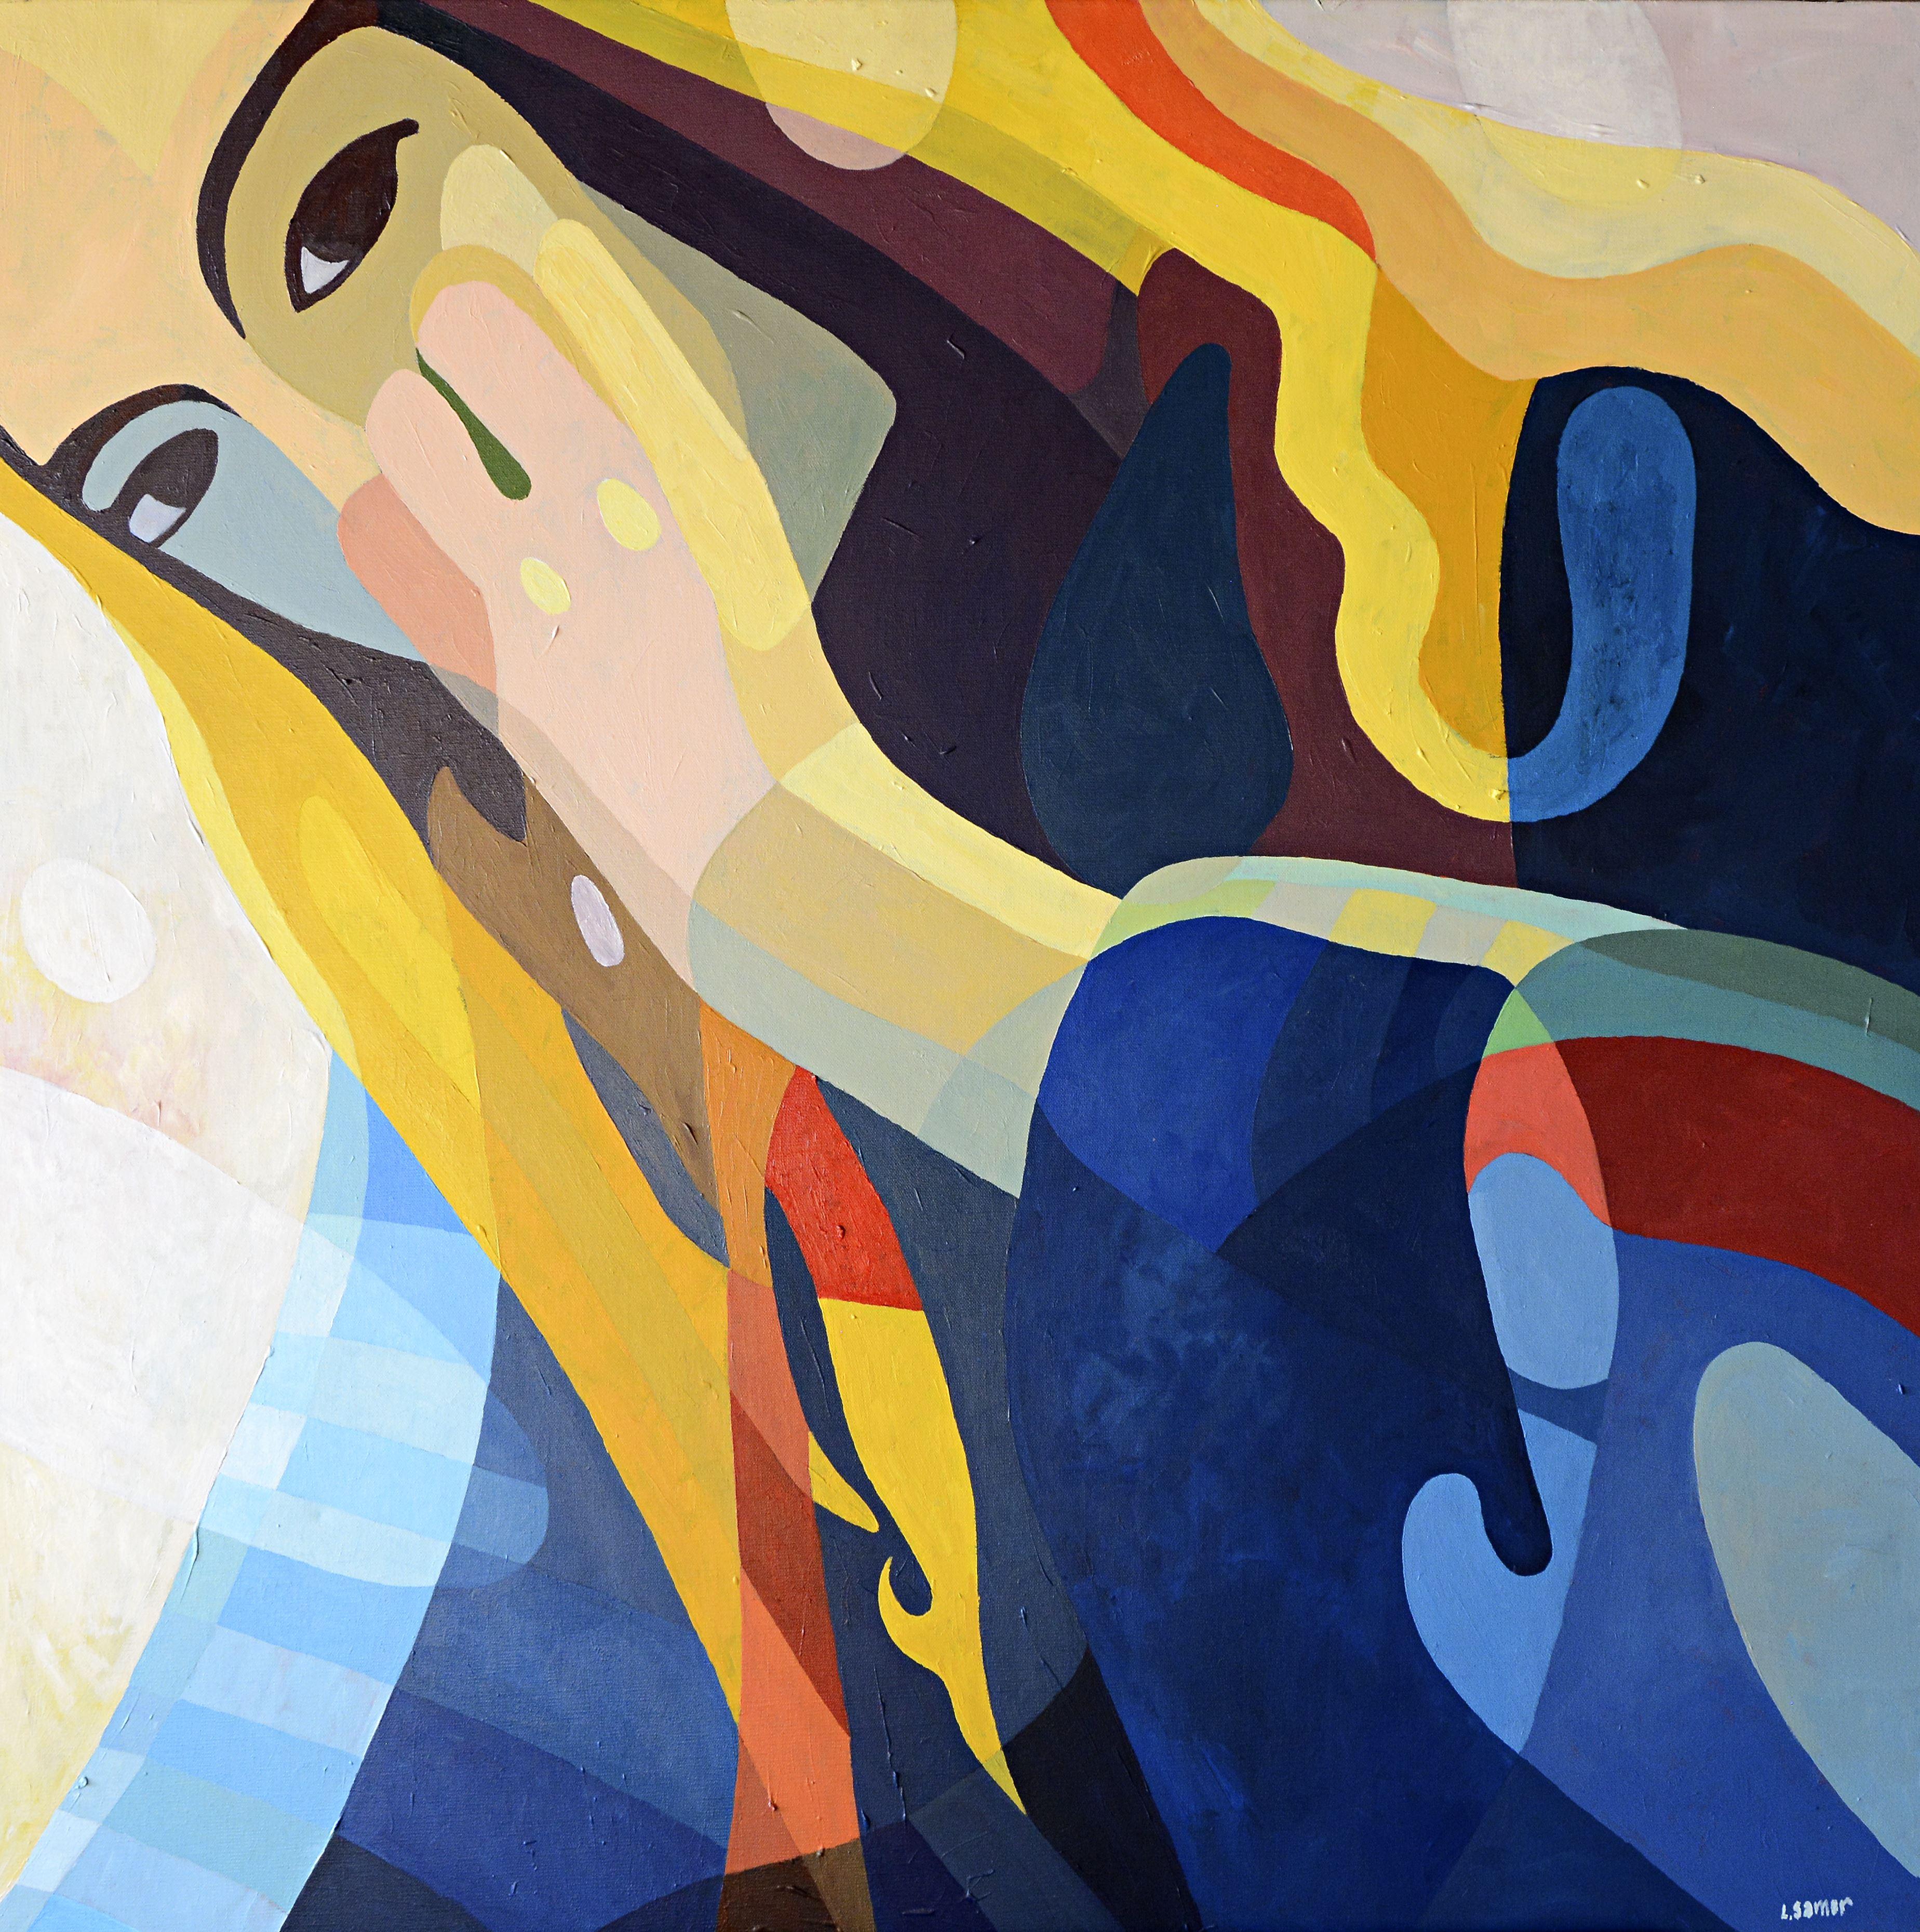 Lennart Samor visar måleri och grafik hos Profilen Konst & Ram